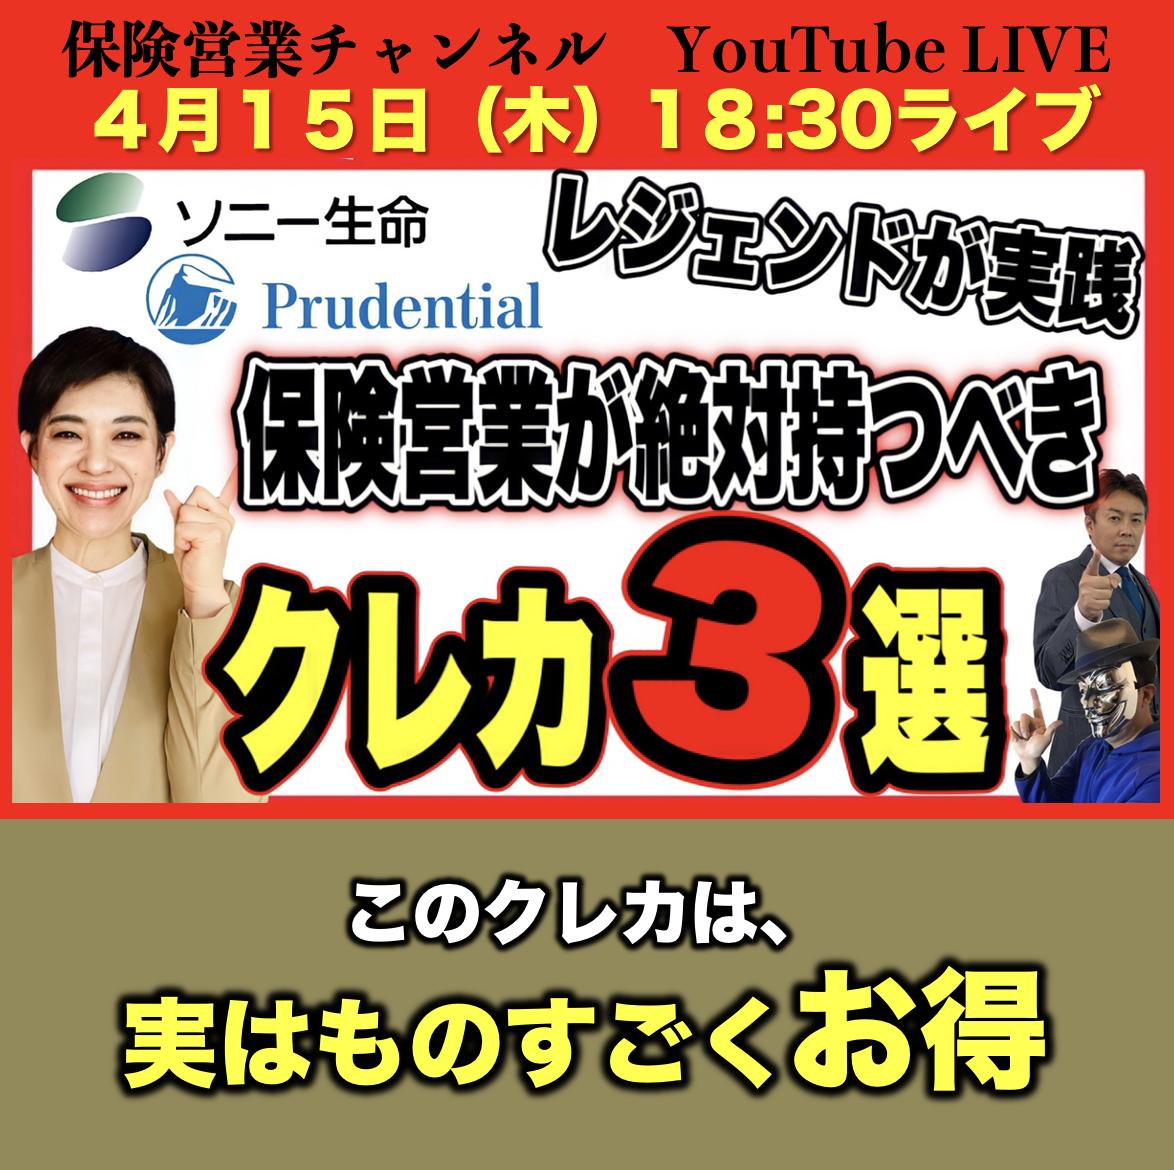 4/15 18:30 保険営業チャンネル YouTube LIVE